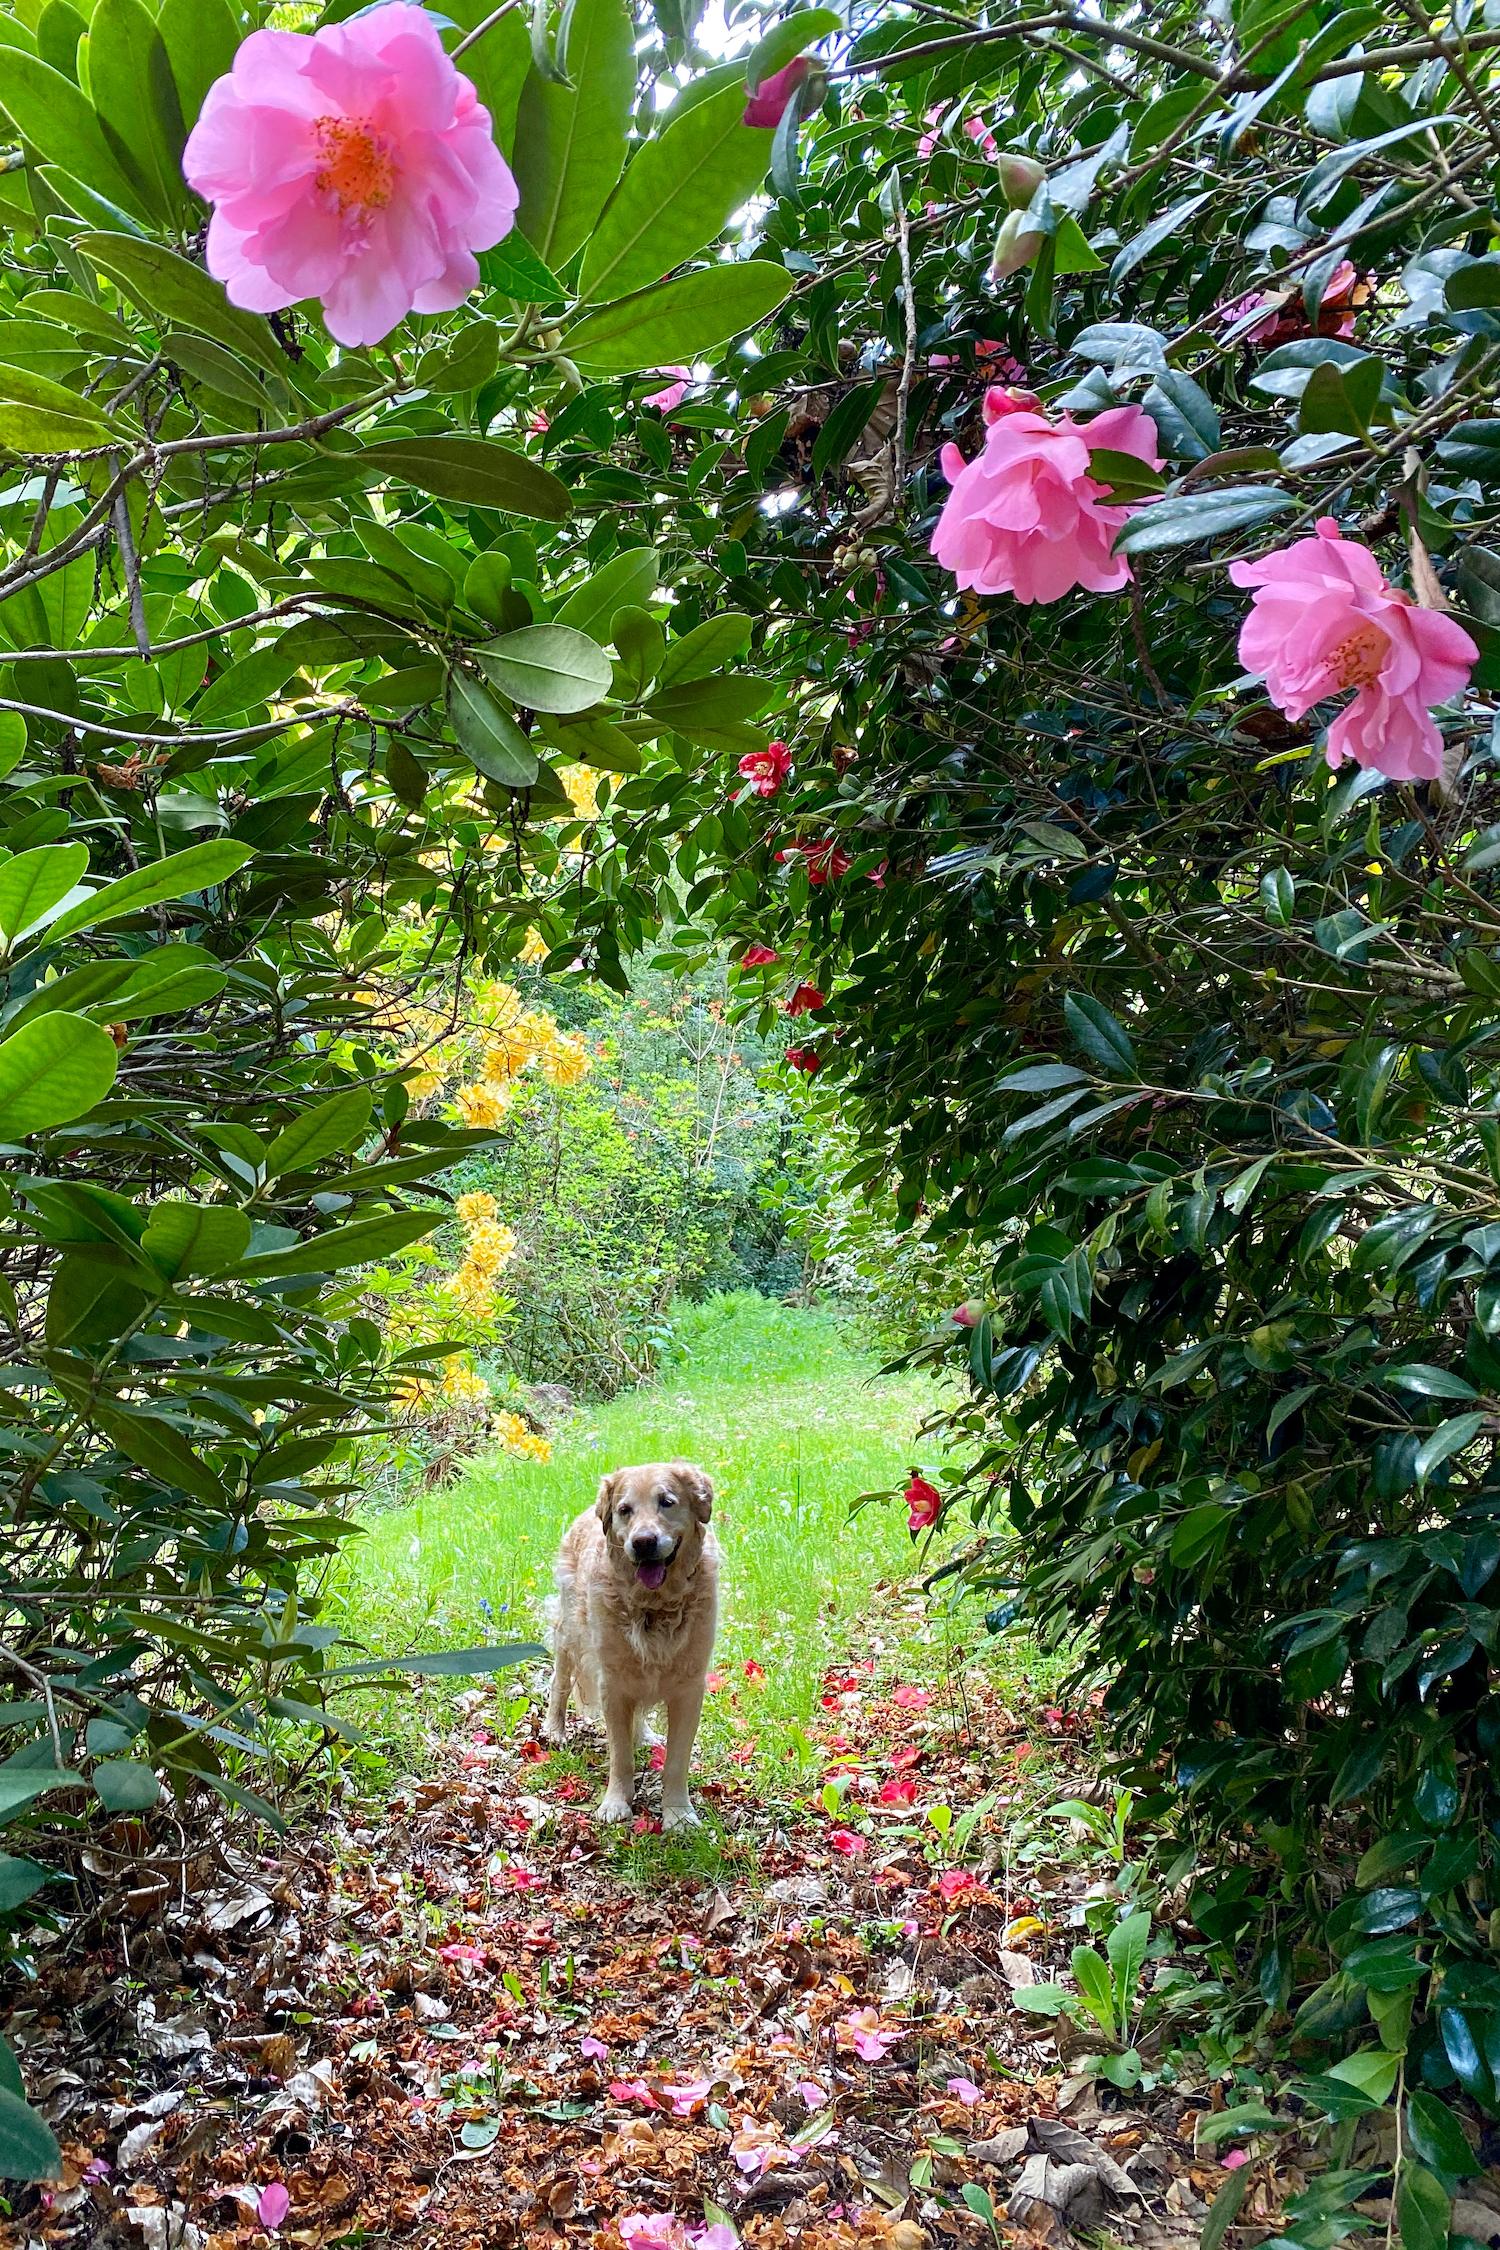 Dalton in the garden